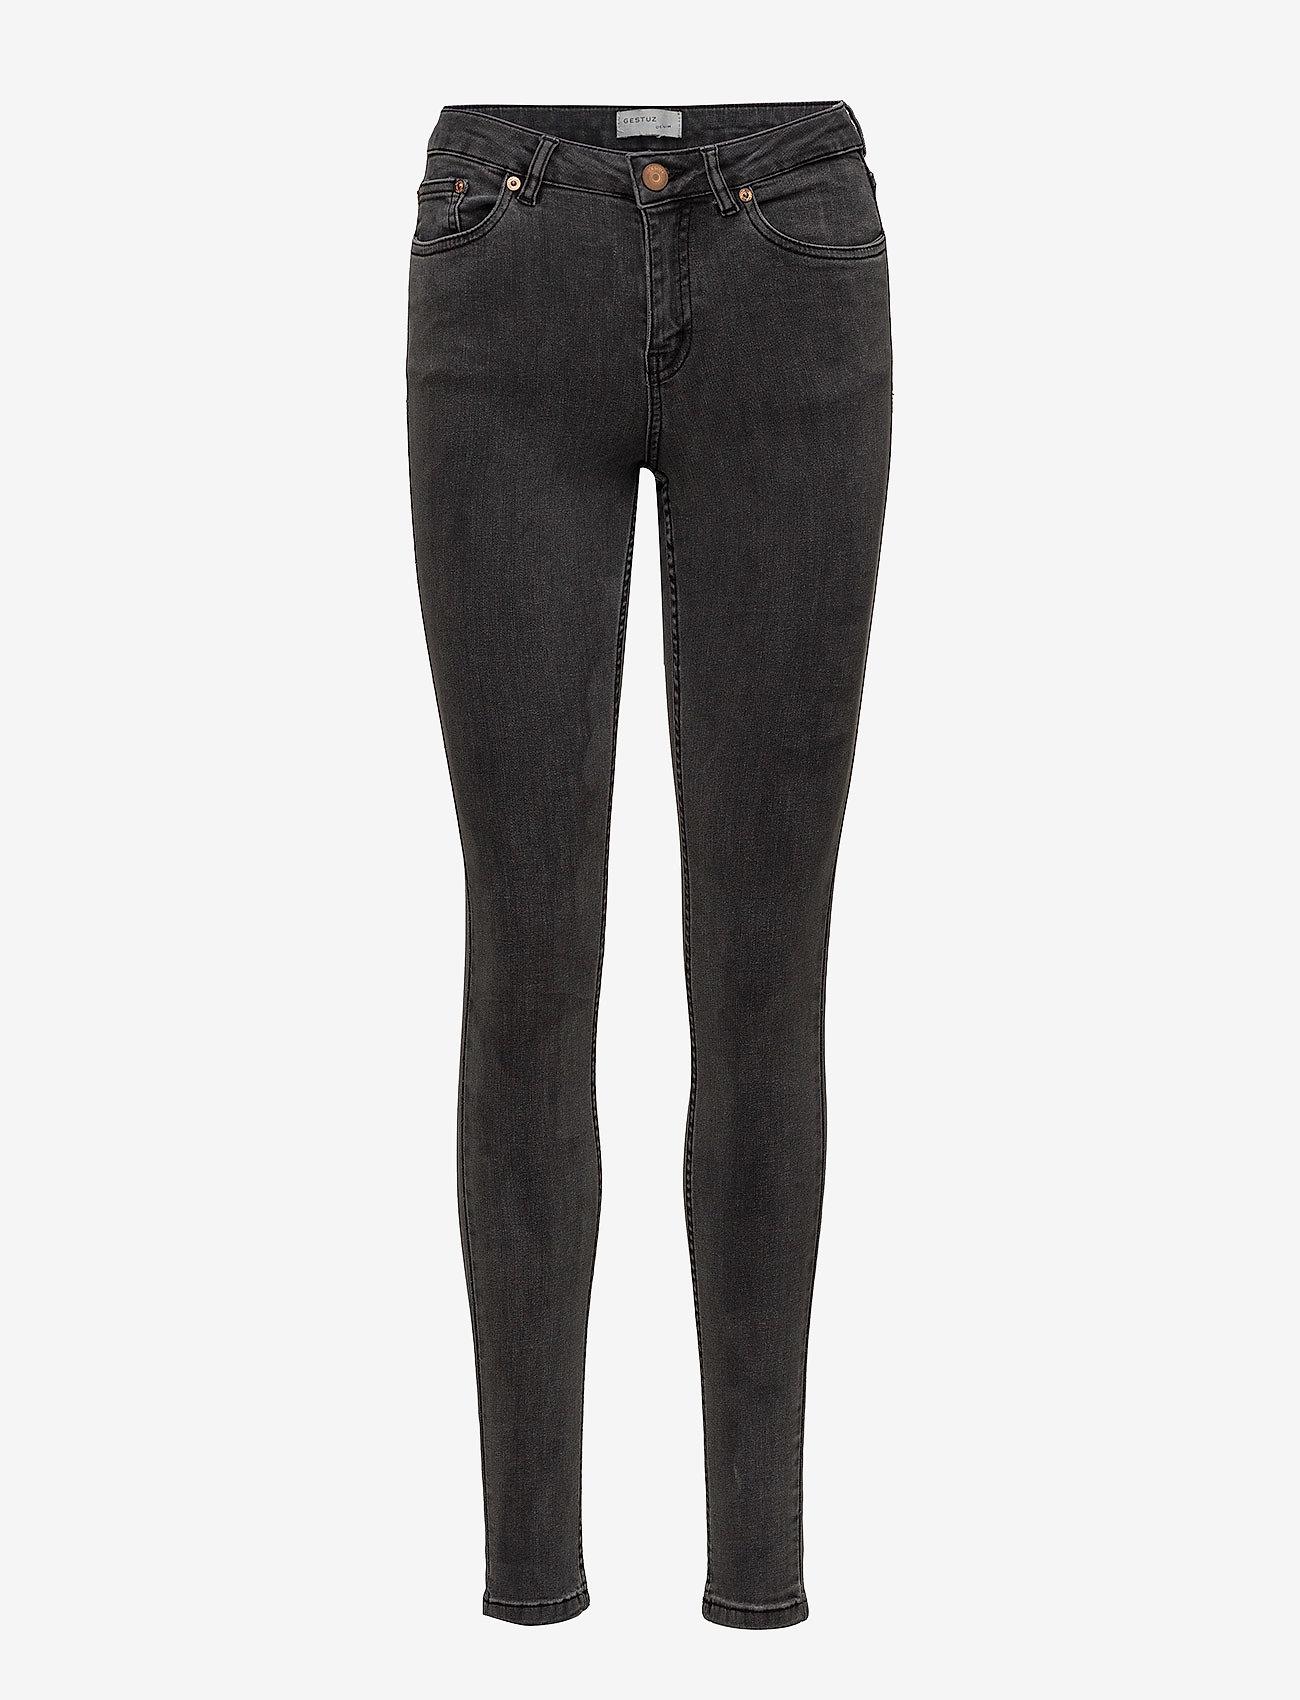 Gestuz - MaggieGZ Jeans NOOS - skinny farkut - storm grey - 0